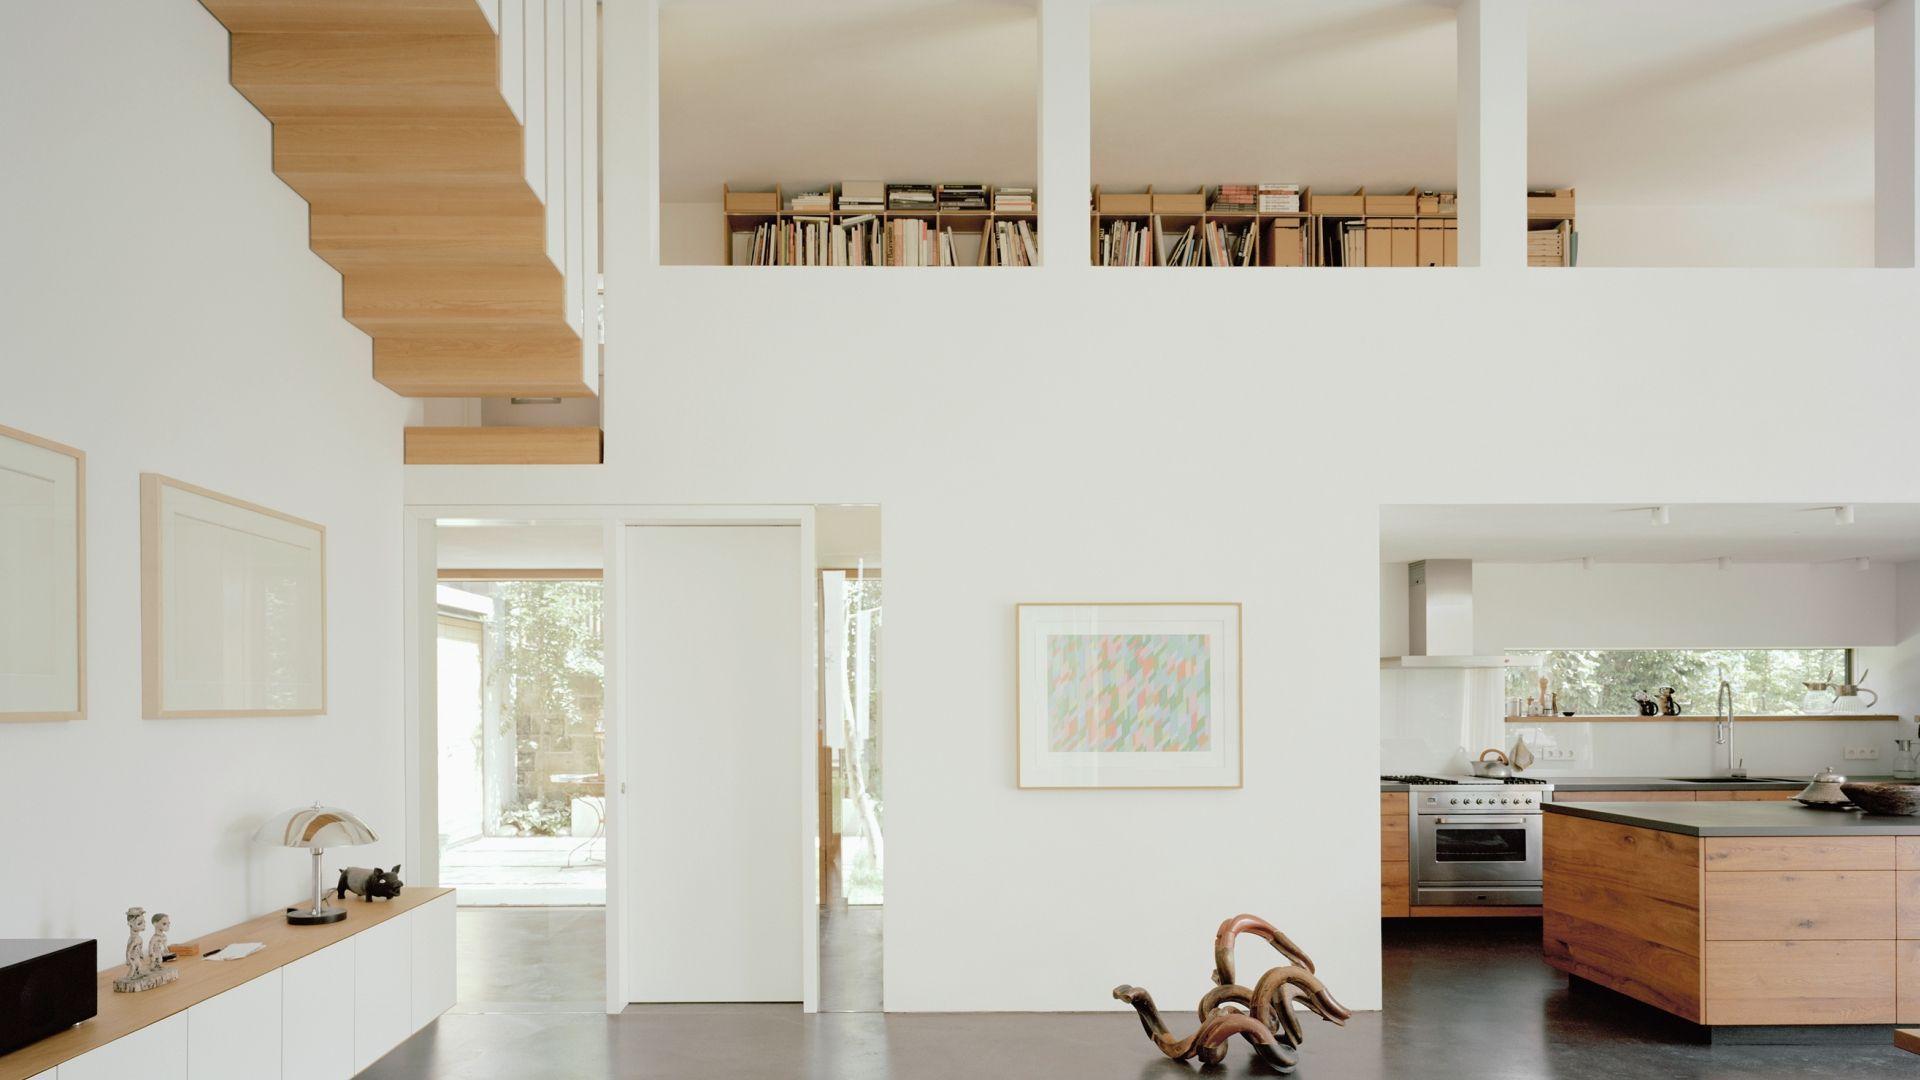 bauen und modernisieren in Haus und Garten - bauemotion.de